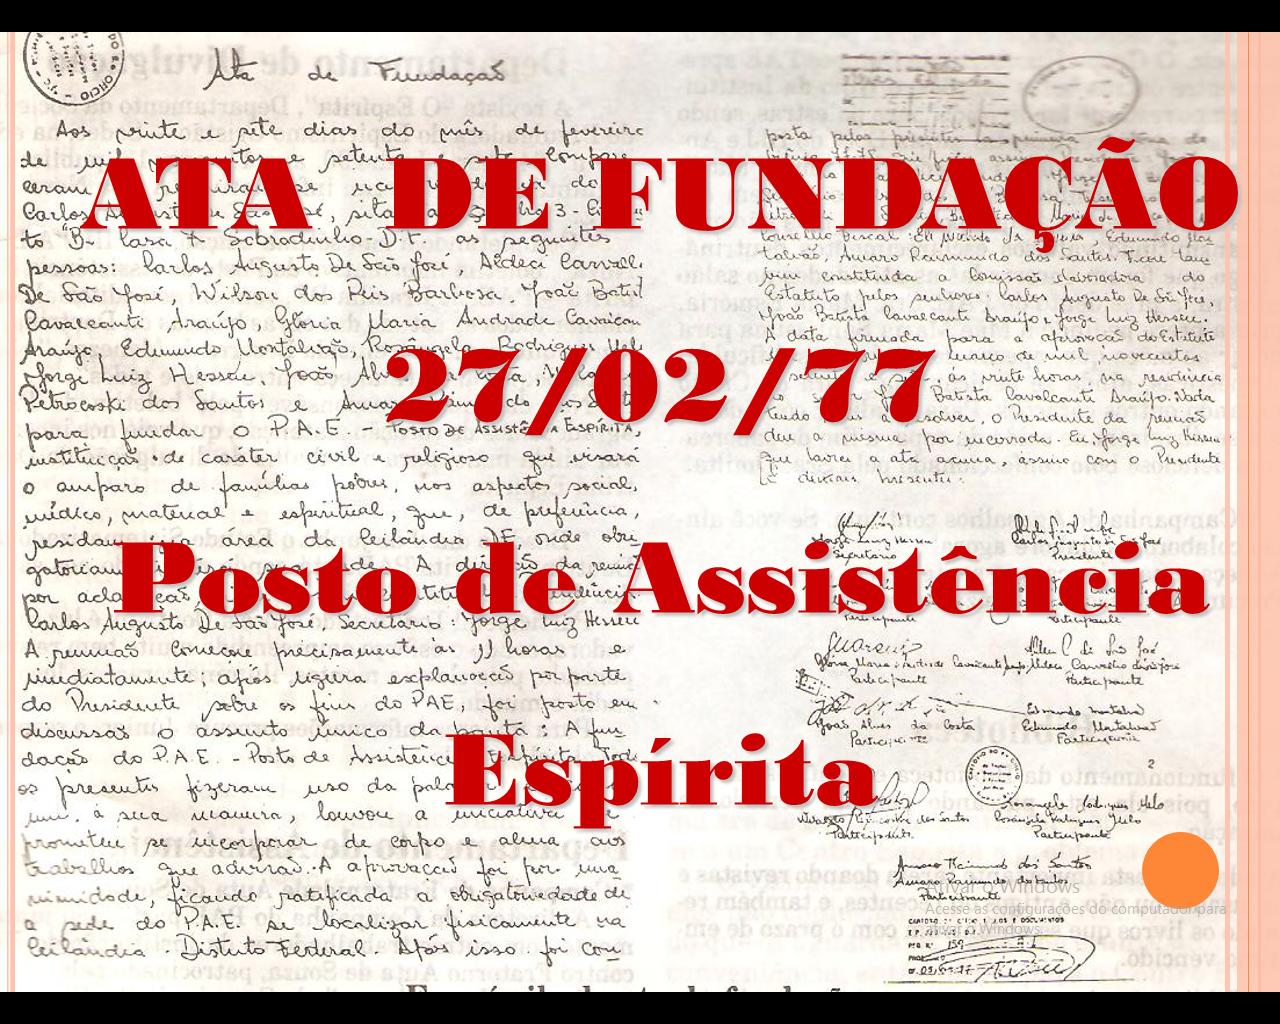 HISTÓRIA DO PAE - POSTO DE ASSISTÊNCIA ESPÍRITA